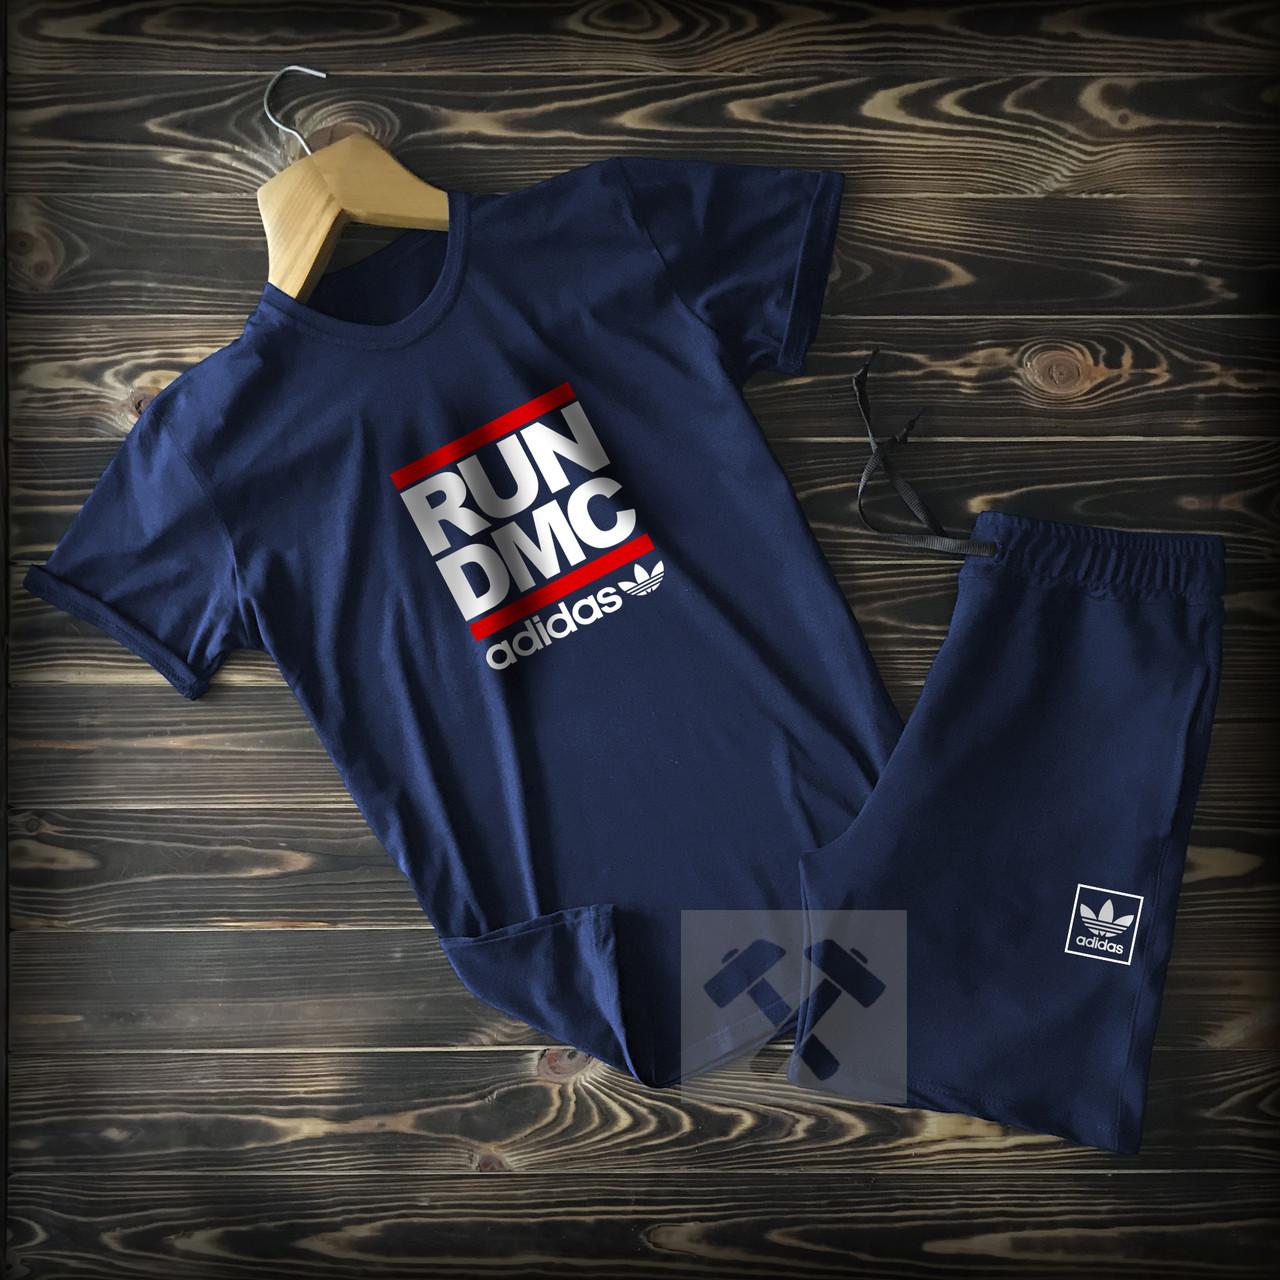 Летний мужской спортивный костюм Adidas синего цвета (Адидас) шорты и футболка 90% хлопок